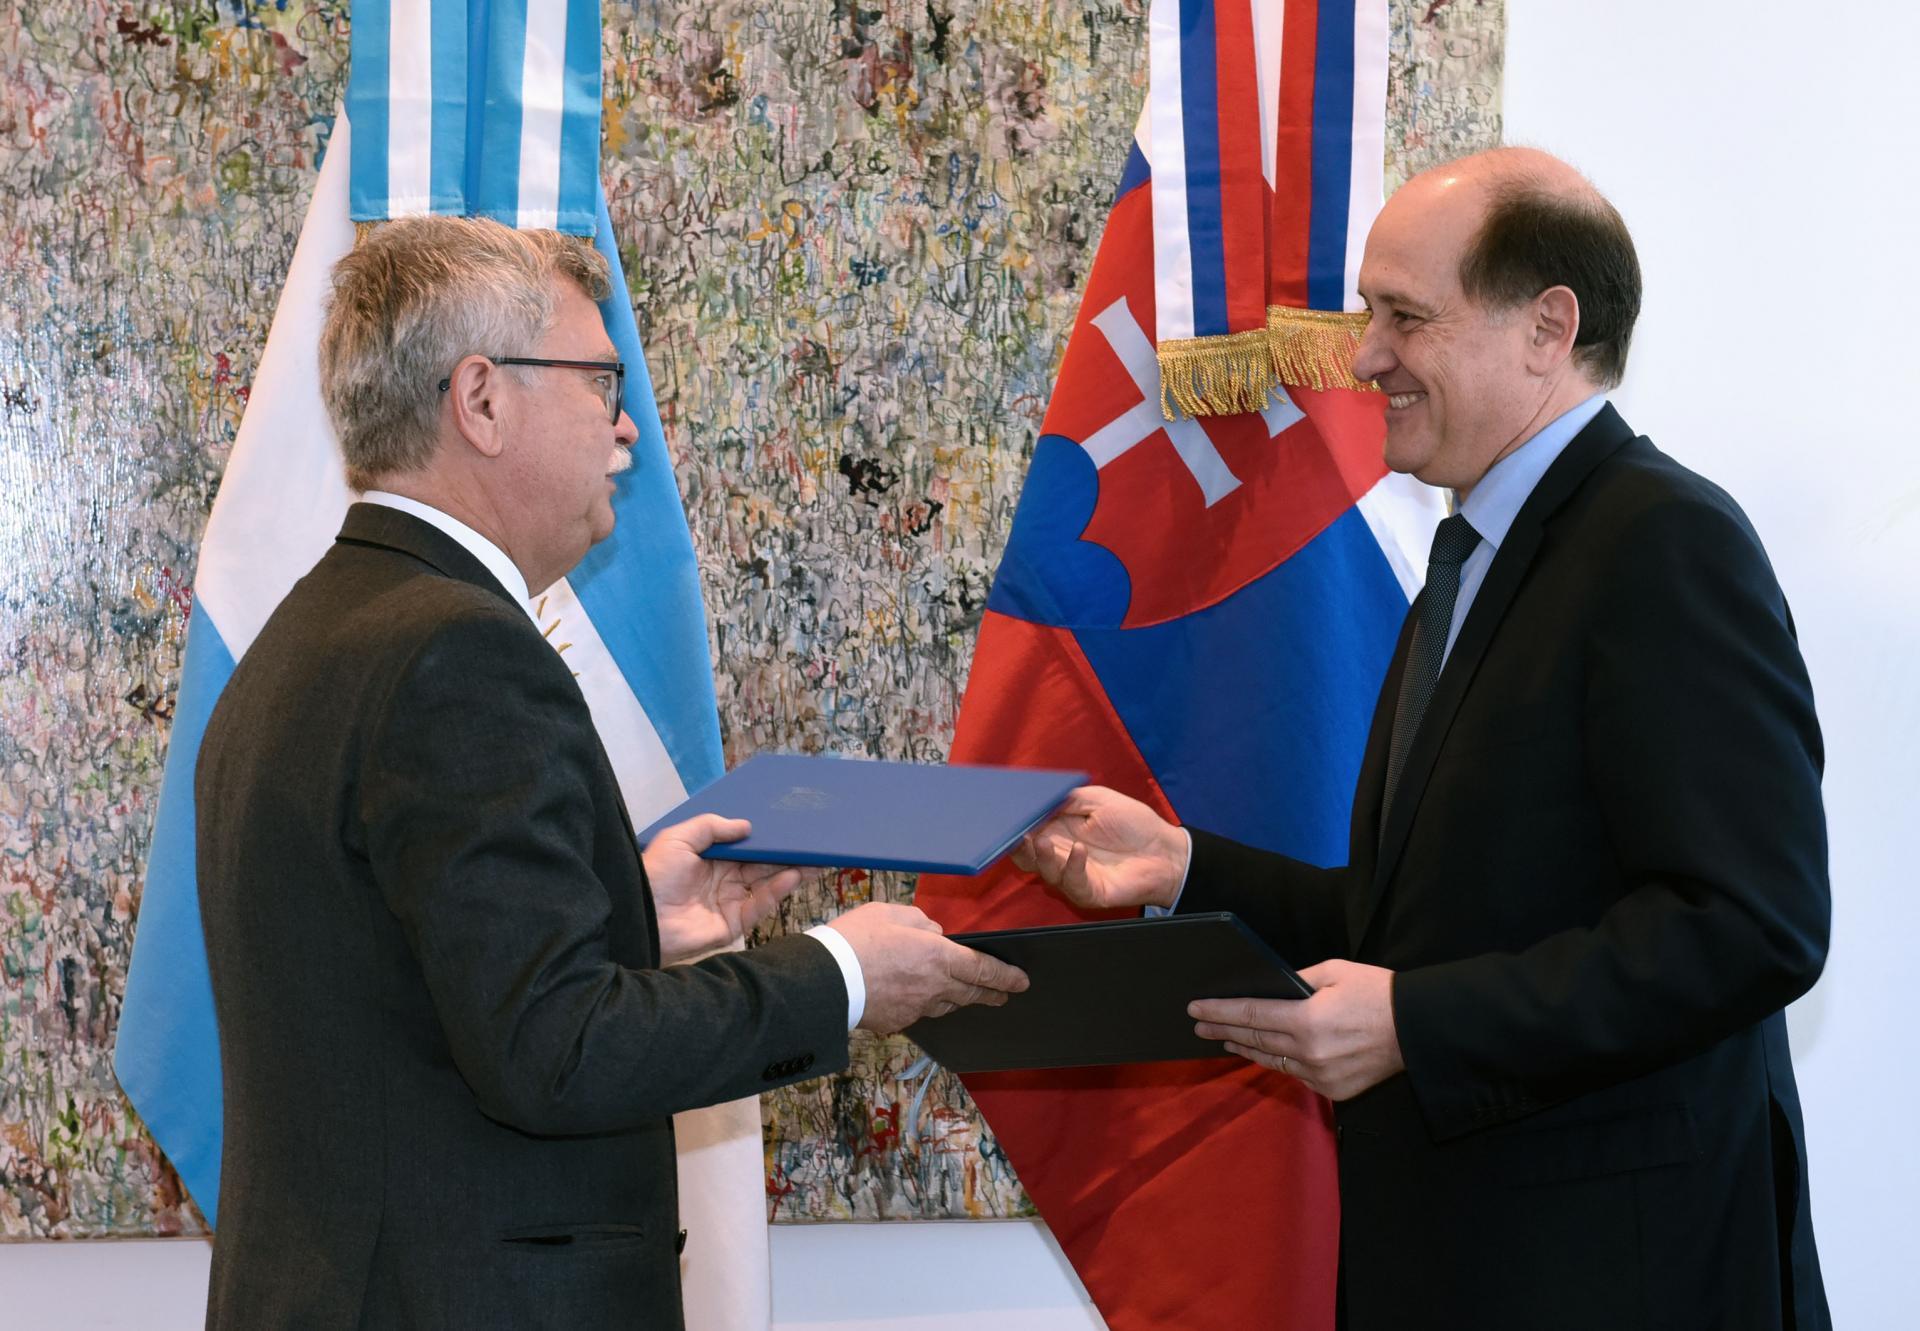 La argentina y eslovaquia firmaron un memor ndum de Ministerio de relaciones exteriores y culto